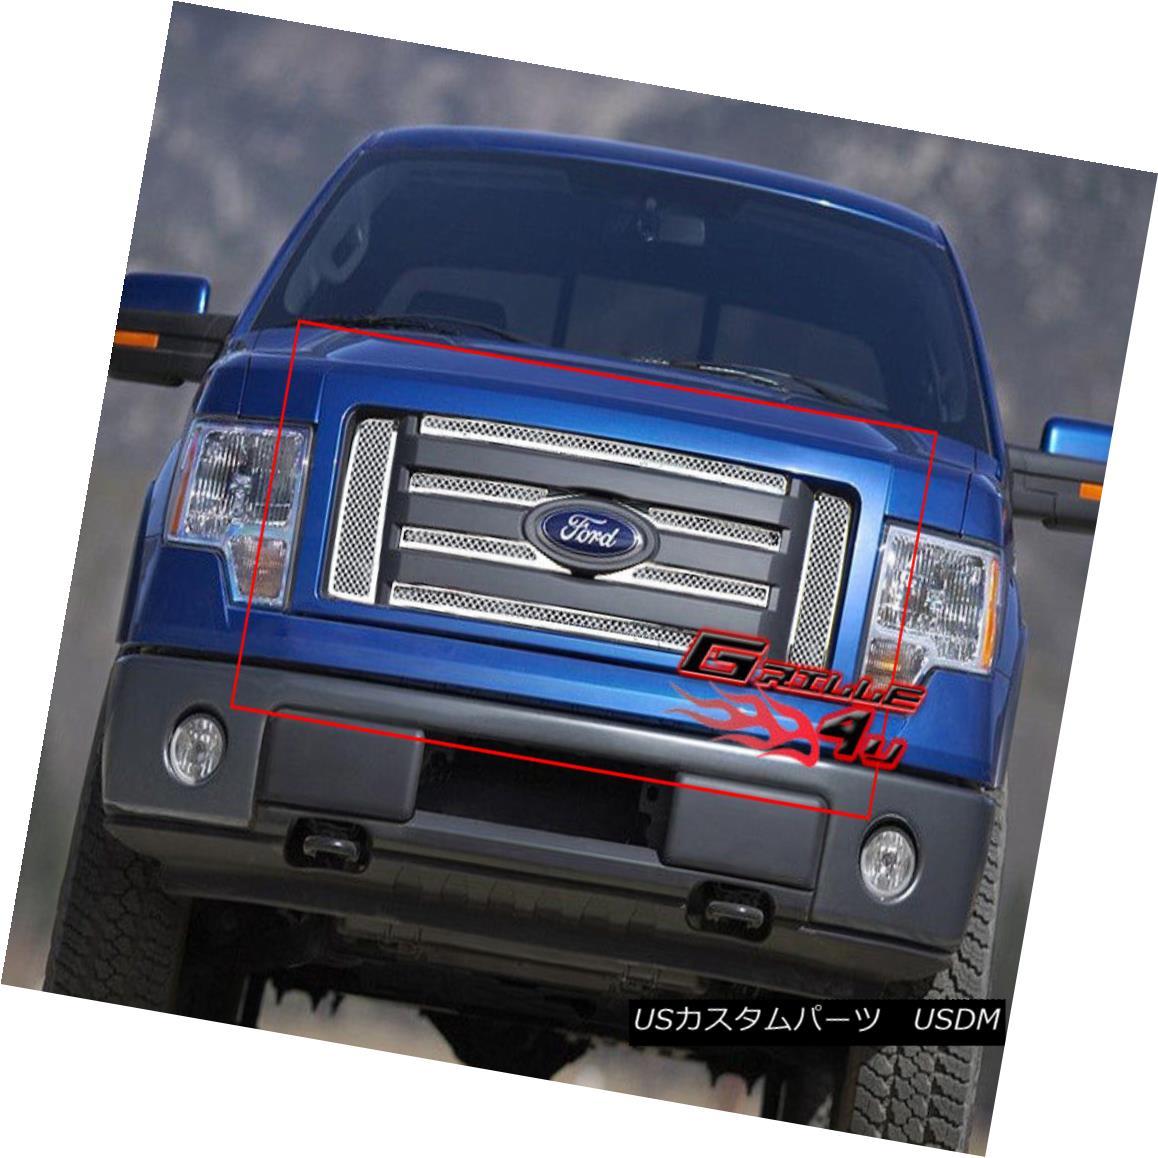 グリル Fits 09-11 2011 Ford F-150 XL/XLT/STX Stainless Mesh Grille フィット2011年9月11日フォードF-150 XL / XLT / STXステンレスメッシュグリル